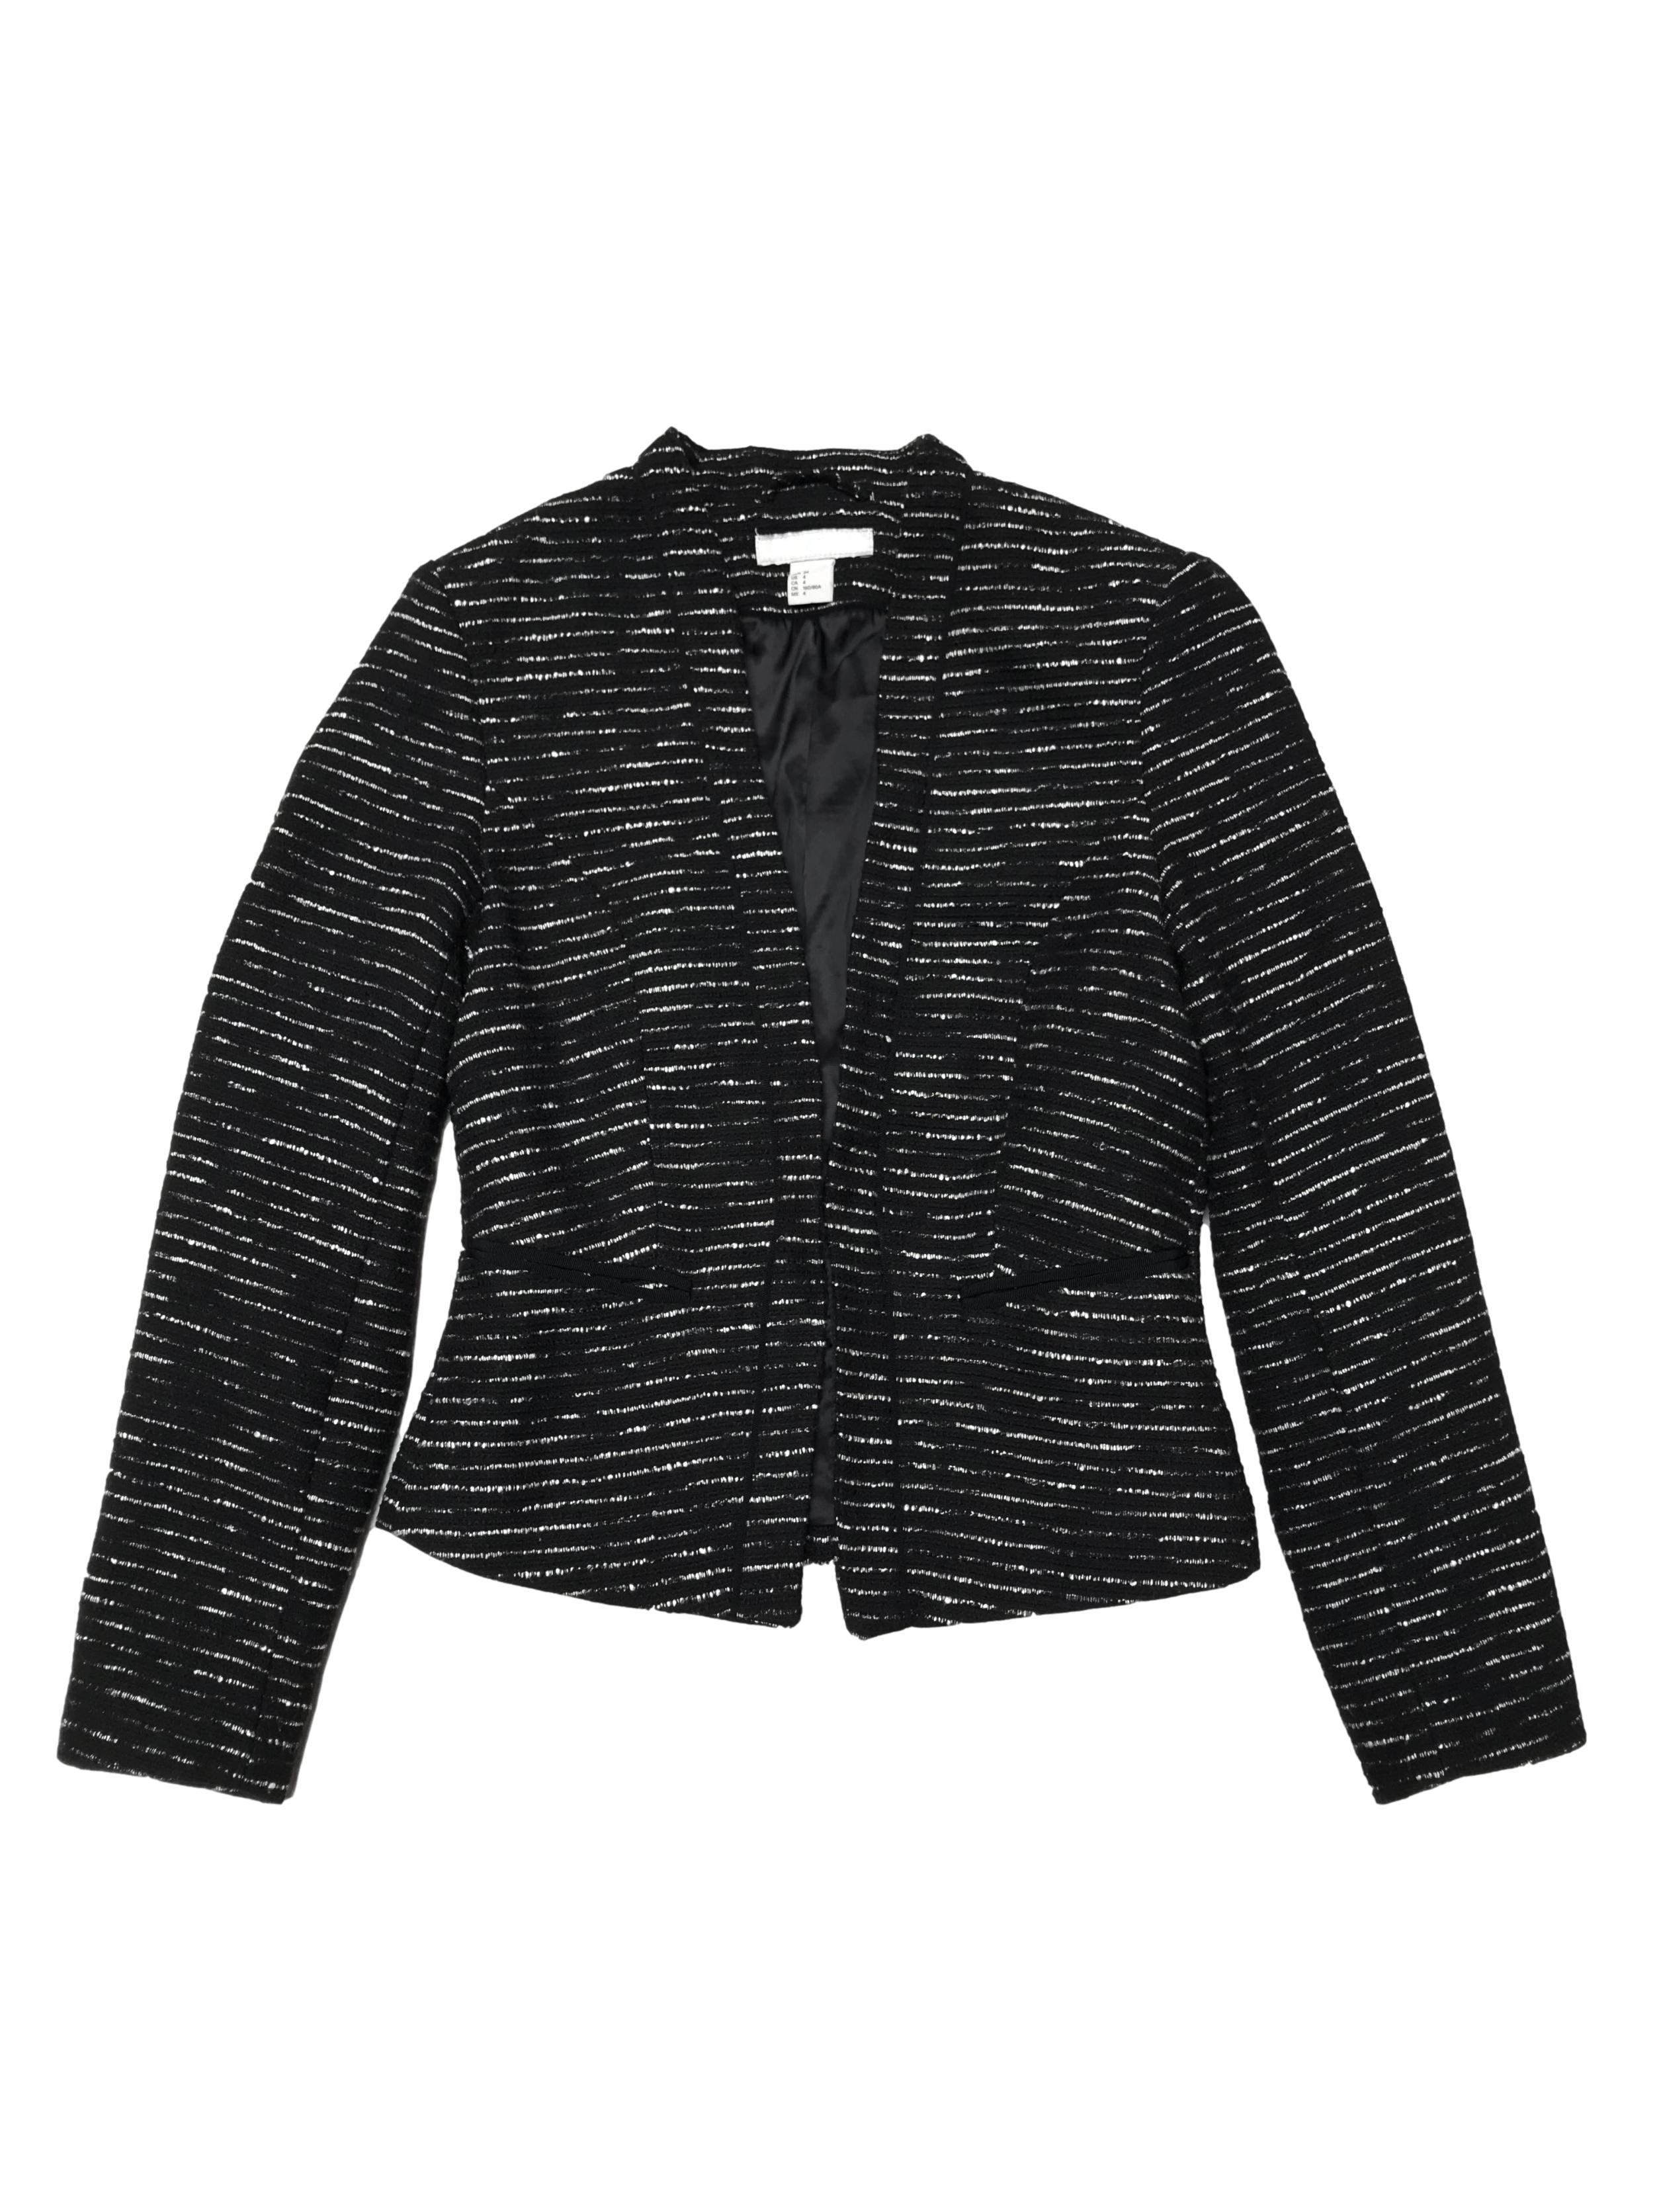 Blazer H&M tipo tweed negro y crema, forrado, con pinzas y es modelo abierto. Busto 86cm